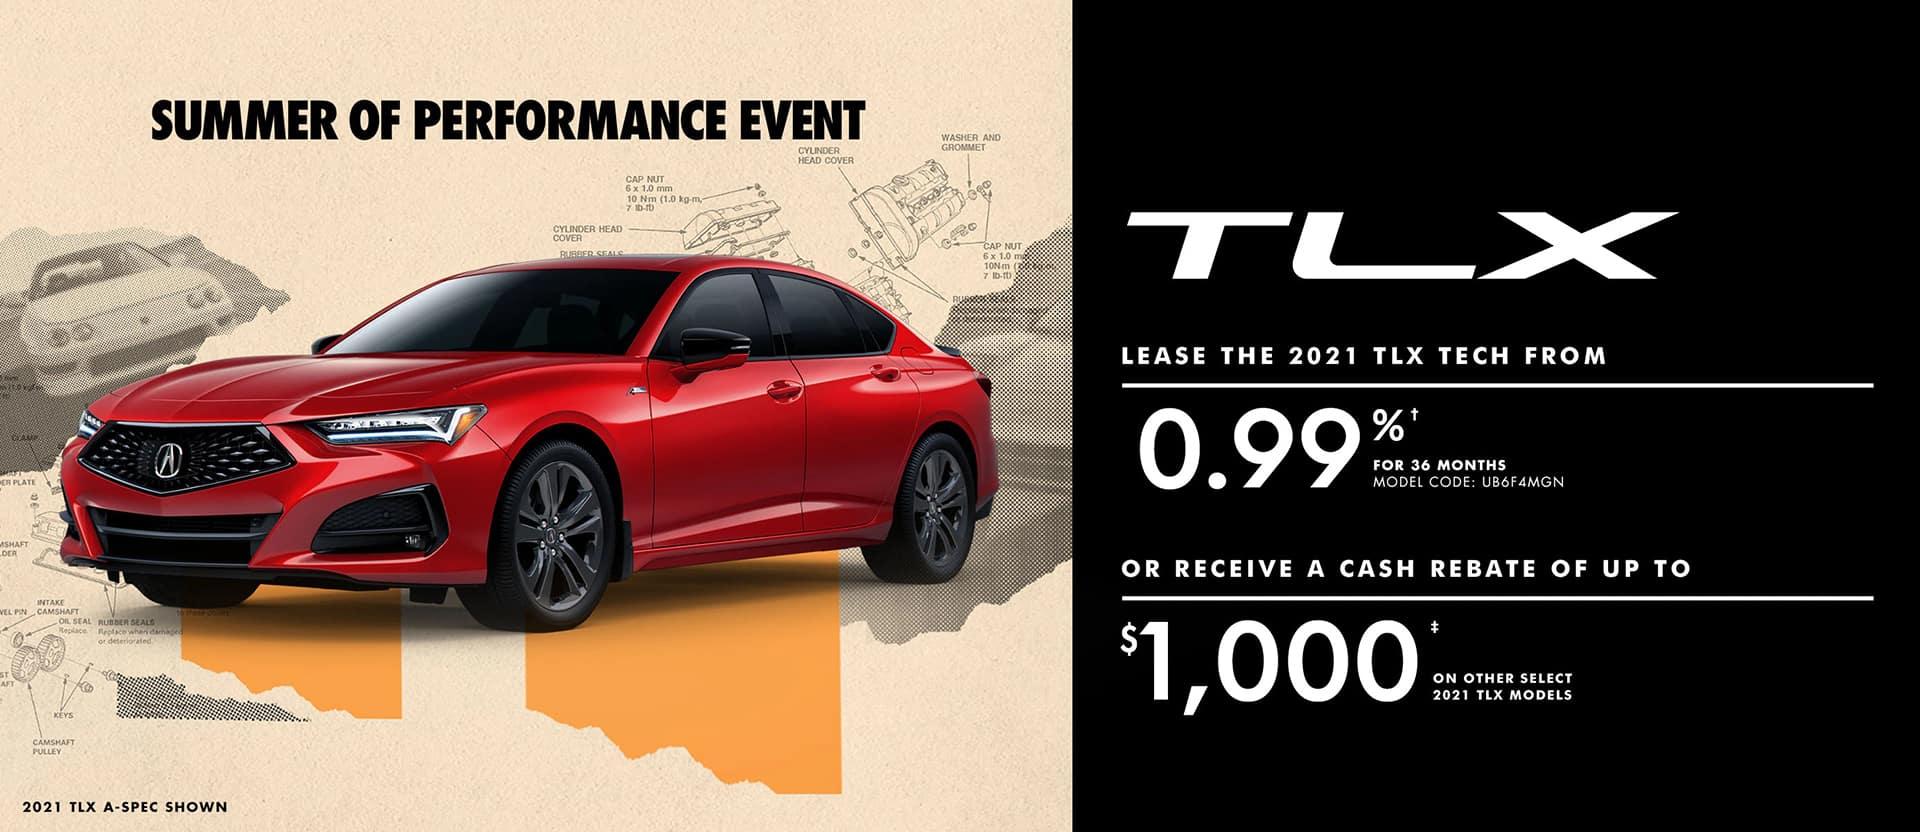 Acura TLX July offer desktop banner